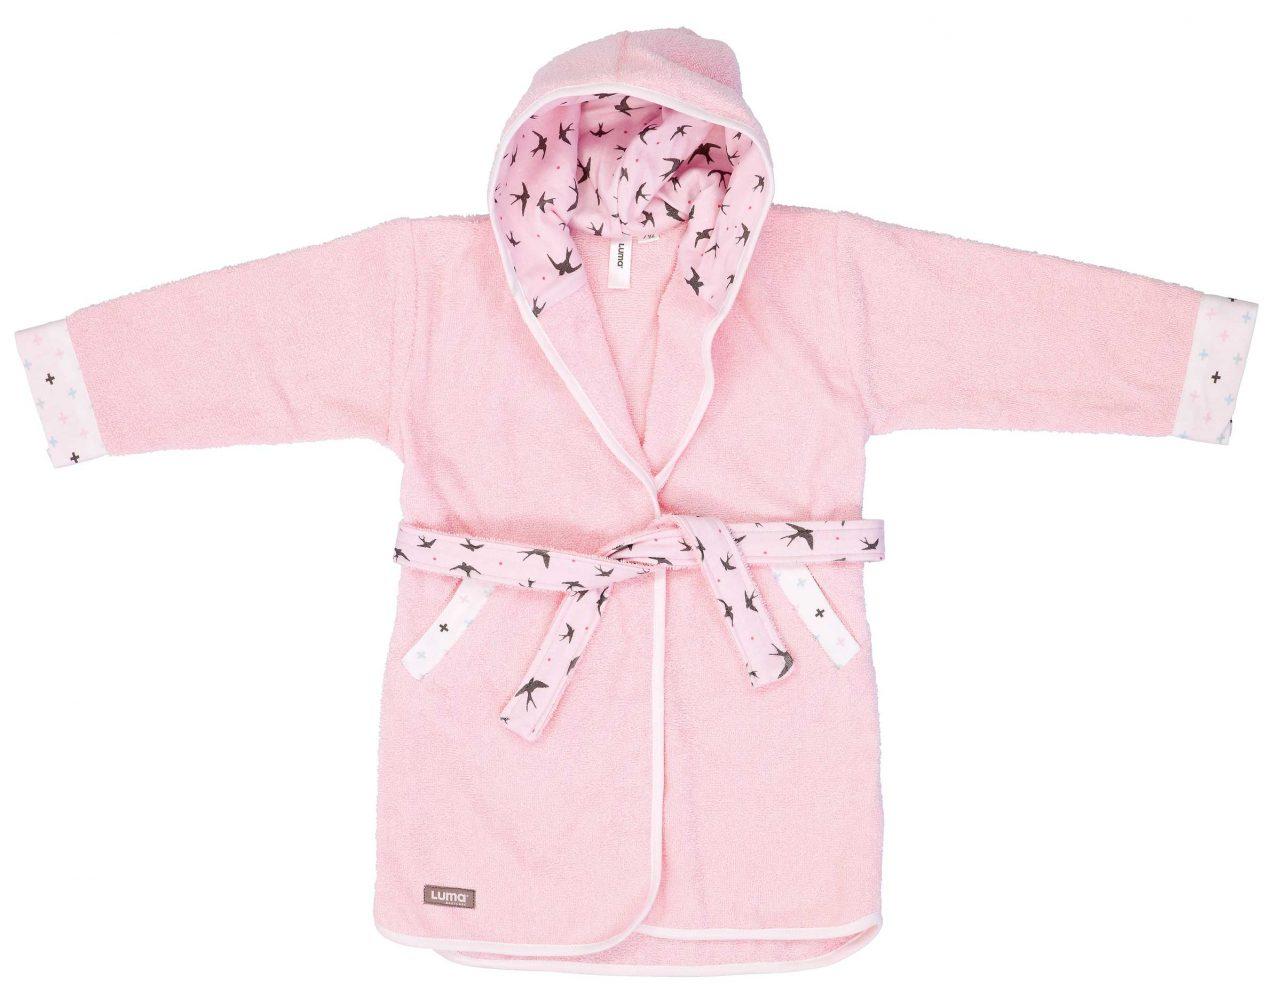 Bathrobe Pretty Pink